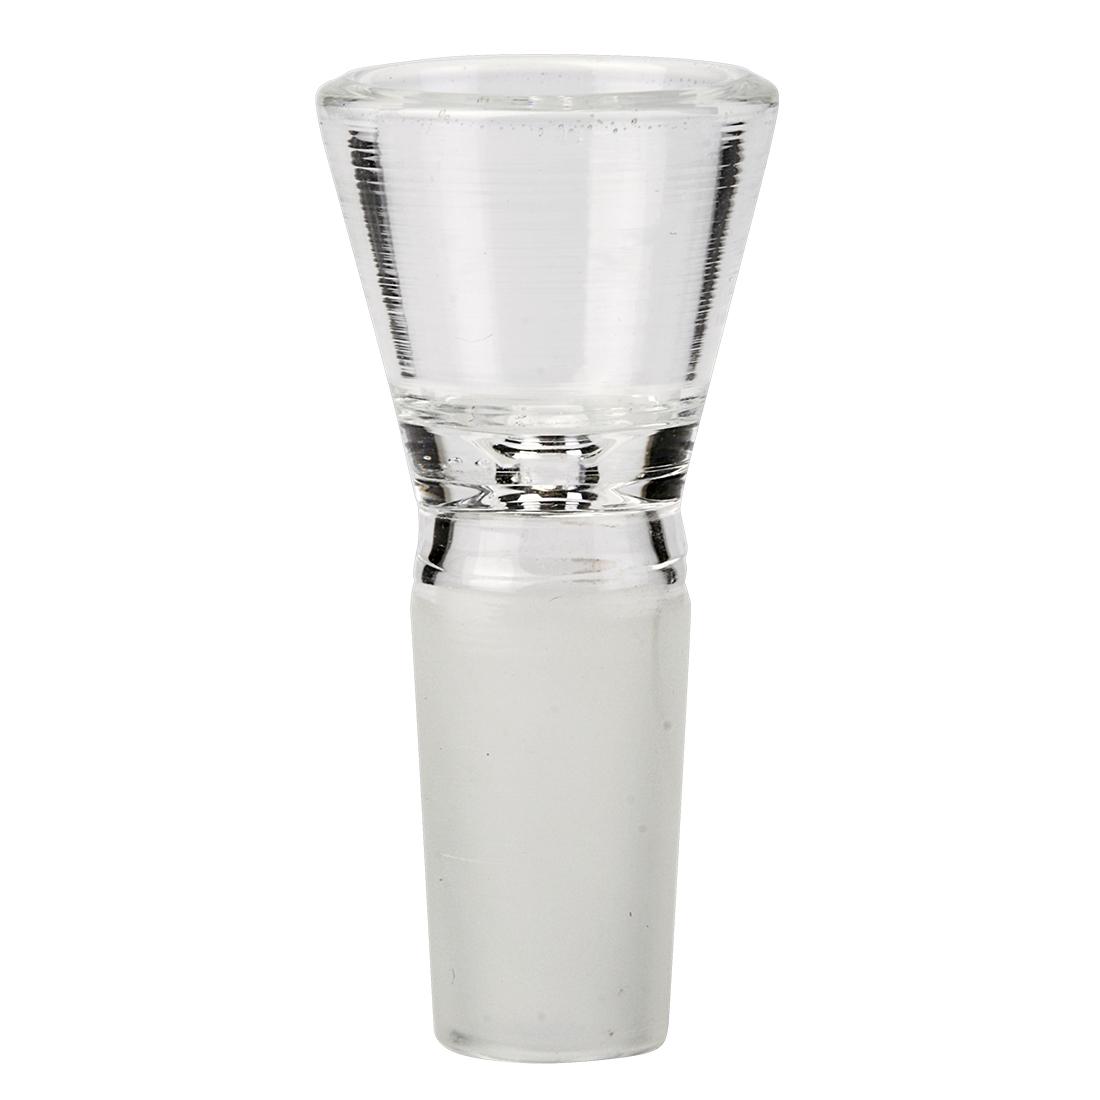 douille en verre Small de 14,5mm